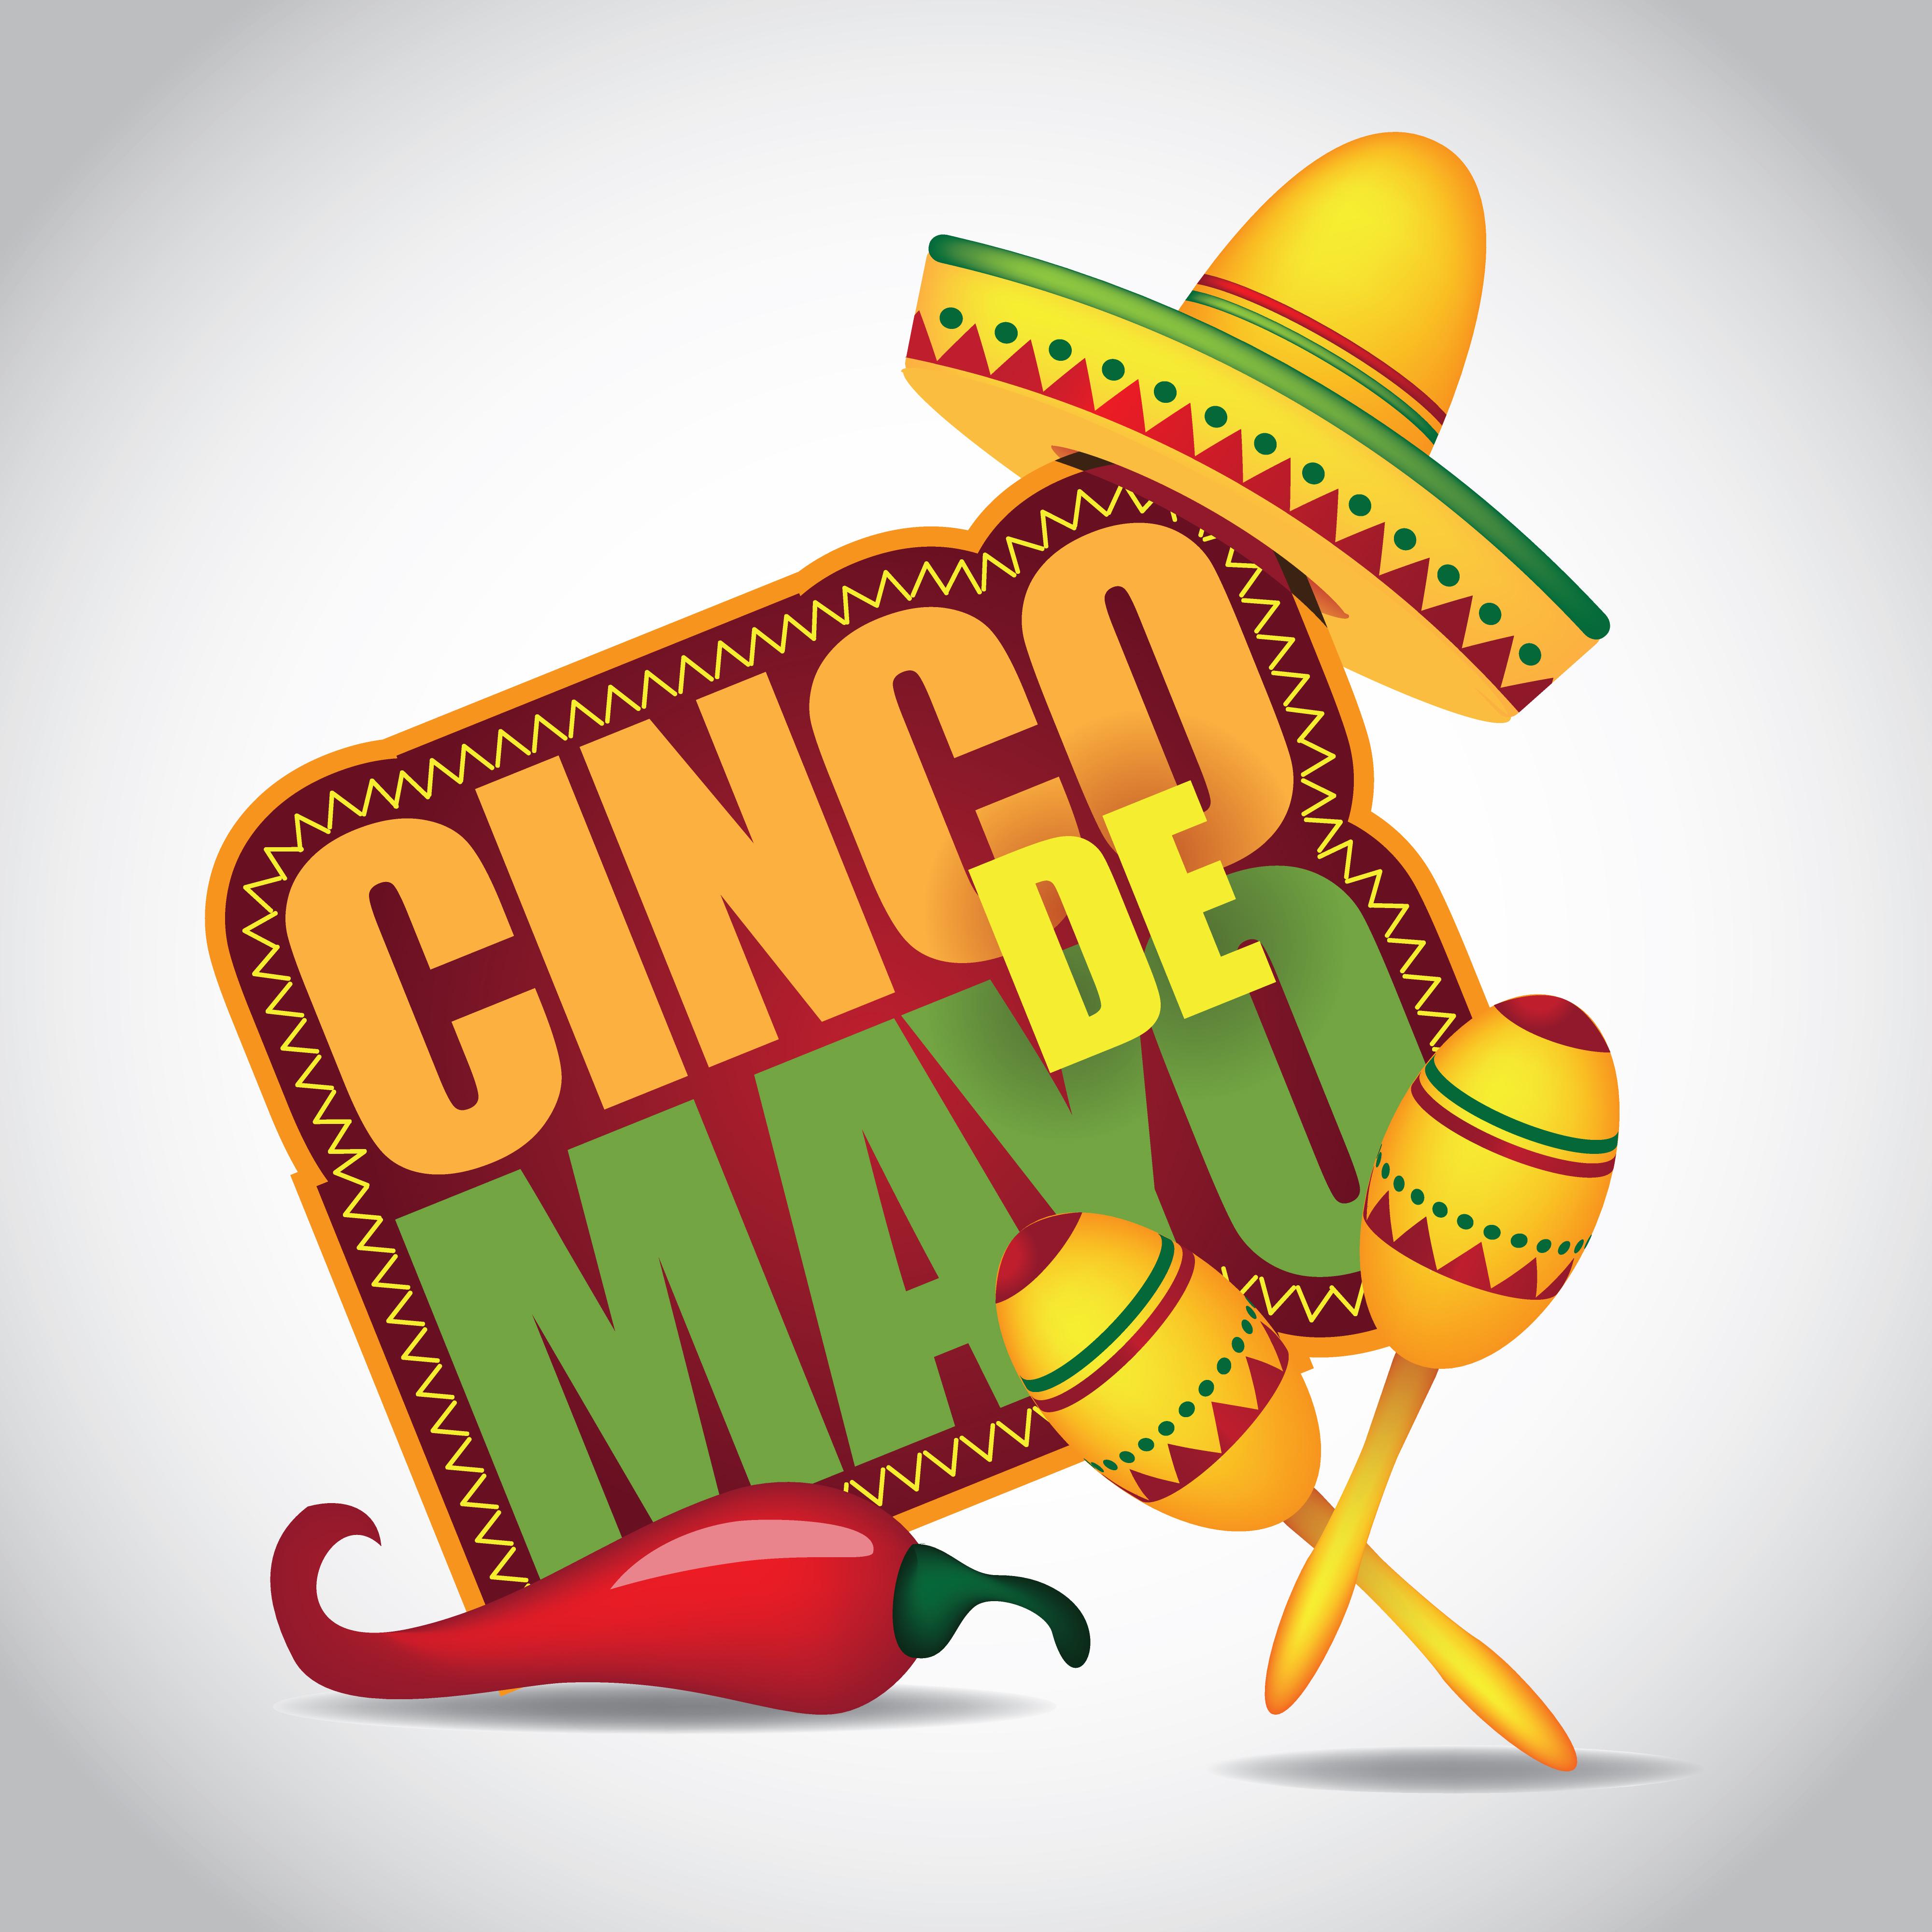 4000x4000 Happy Cinco De Mayo!